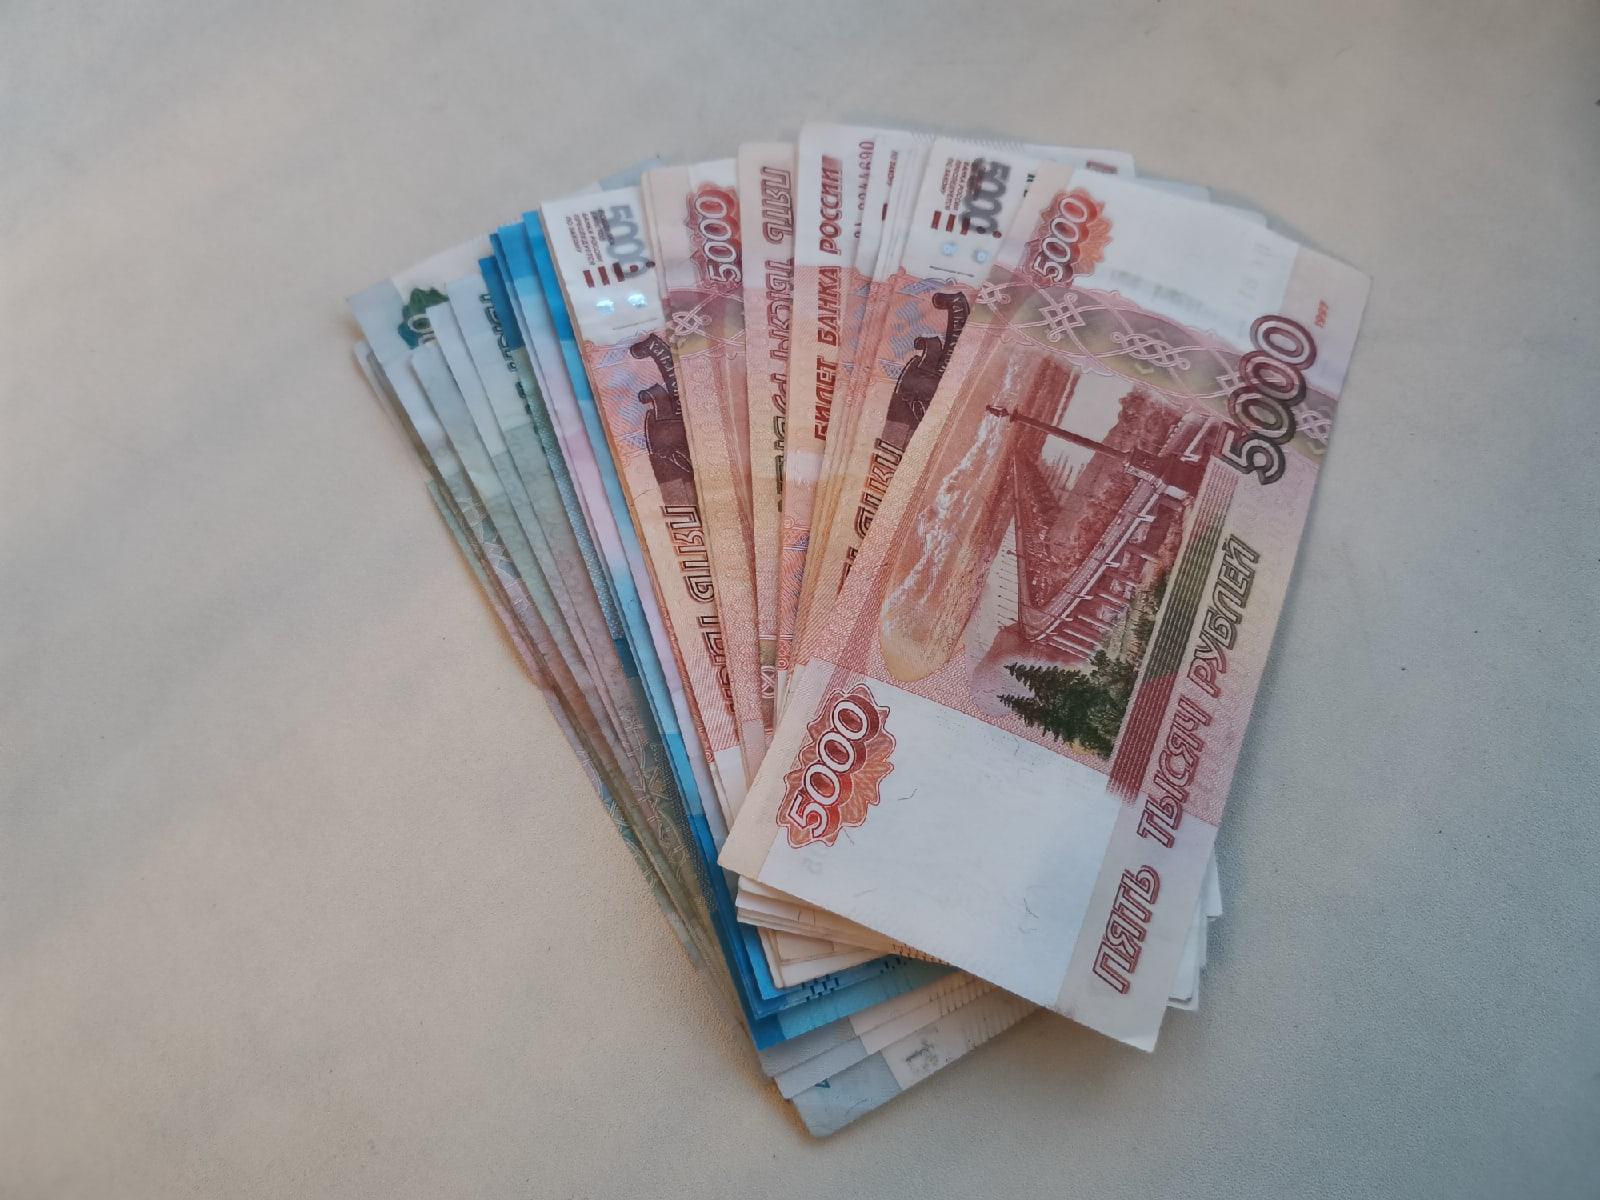 Кузбасские семьи с детьми до 16 лет получат еще по 10 тысяч рублей